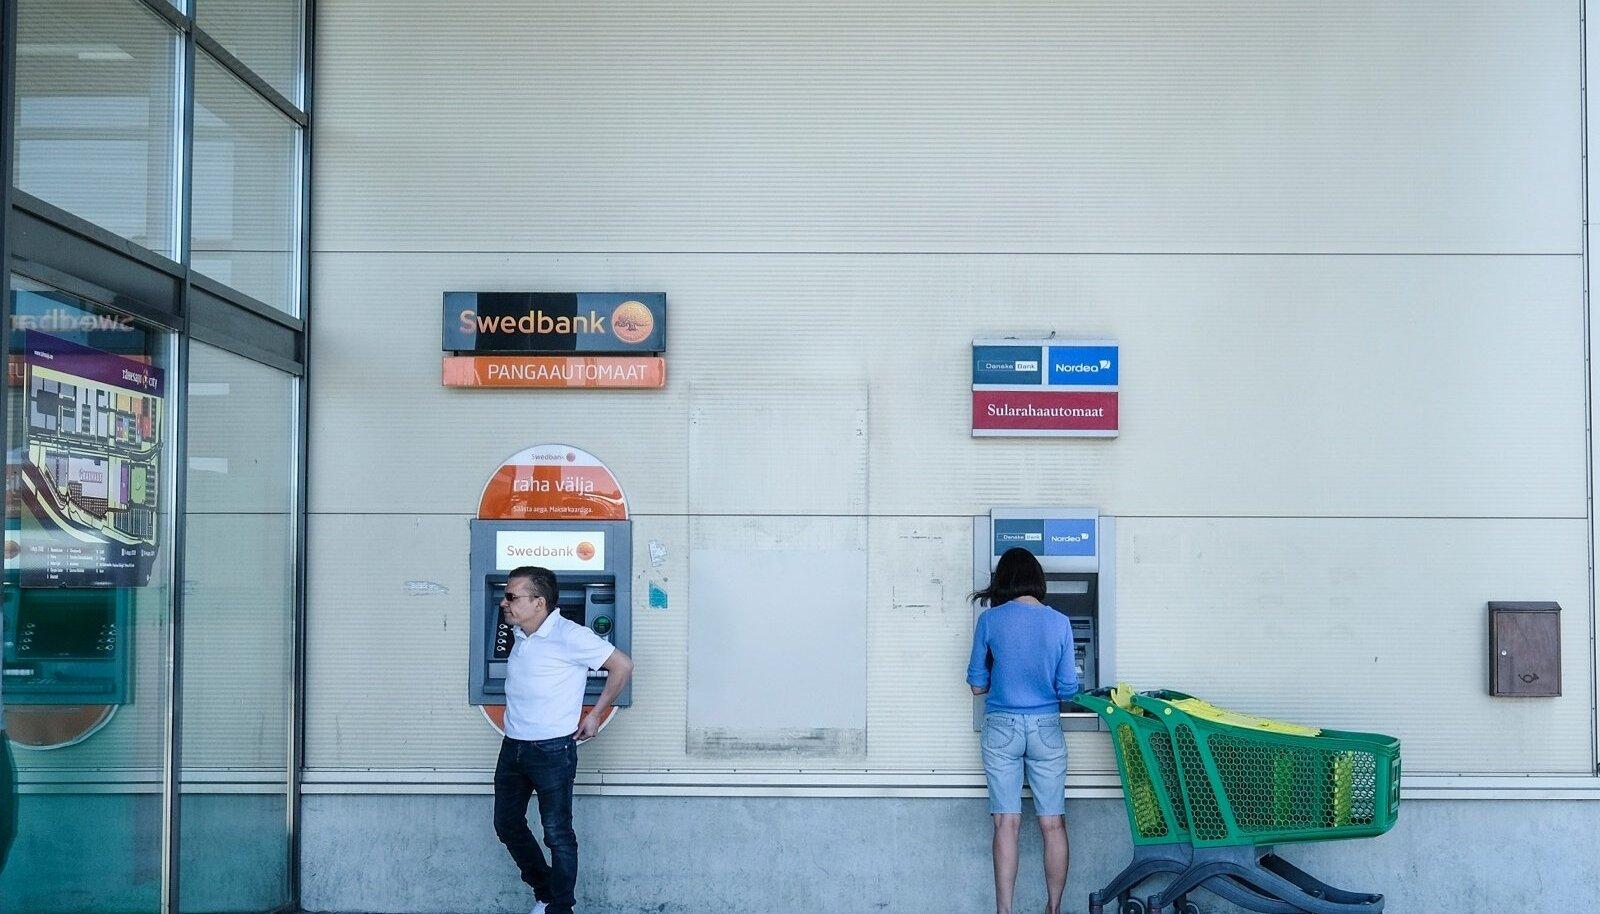 Люди пользуются находящимися возле Prisma банкоматами очень активно.